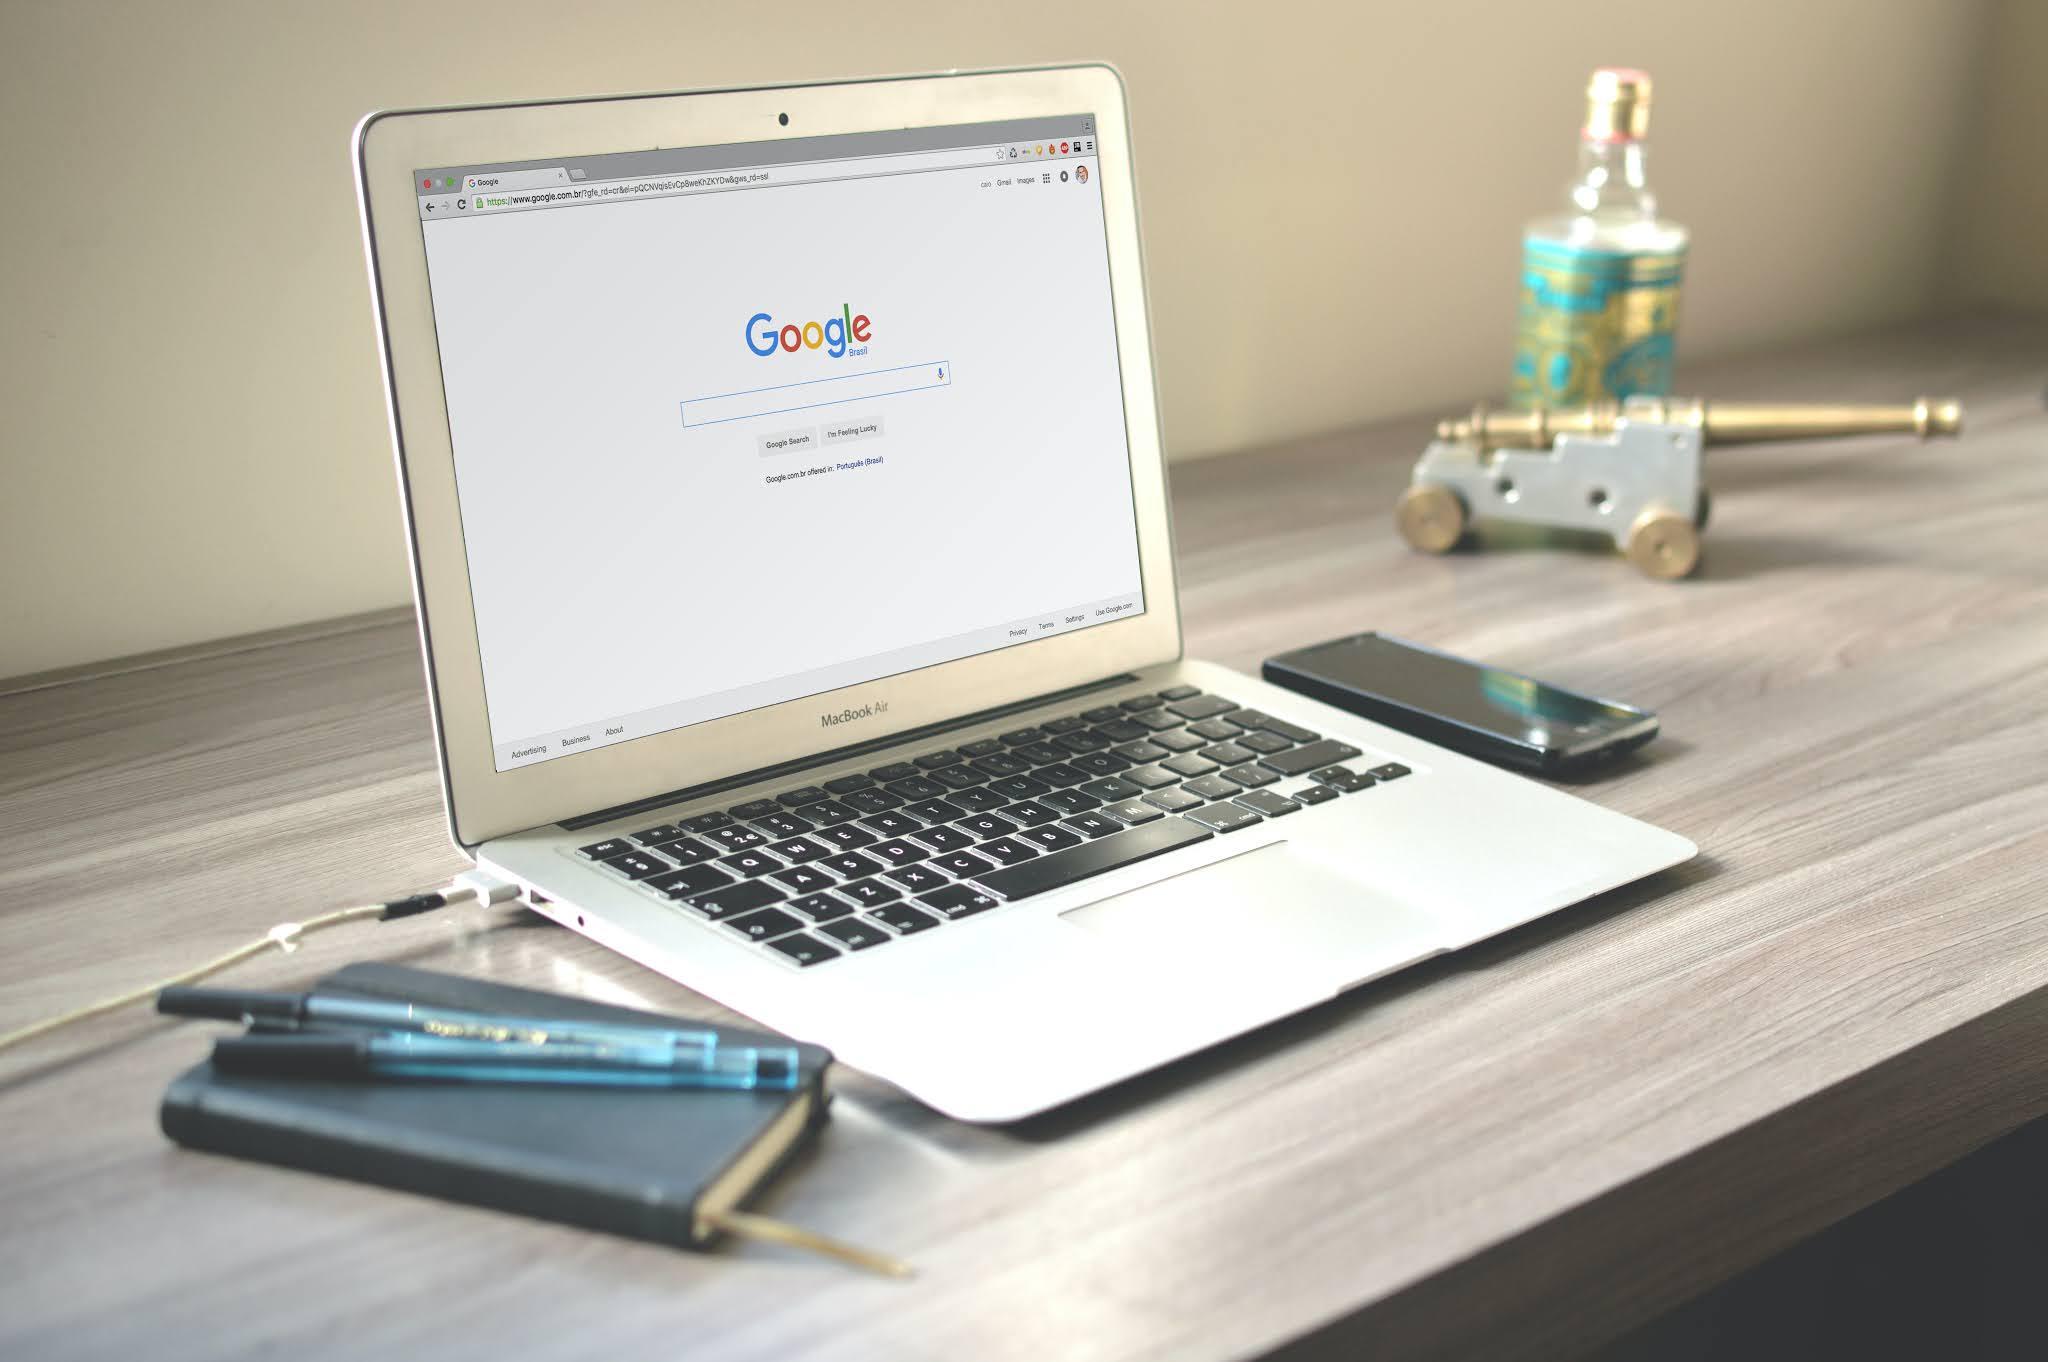 طريقة اخفاء او تمكين مربع البحث في جوجل كروم